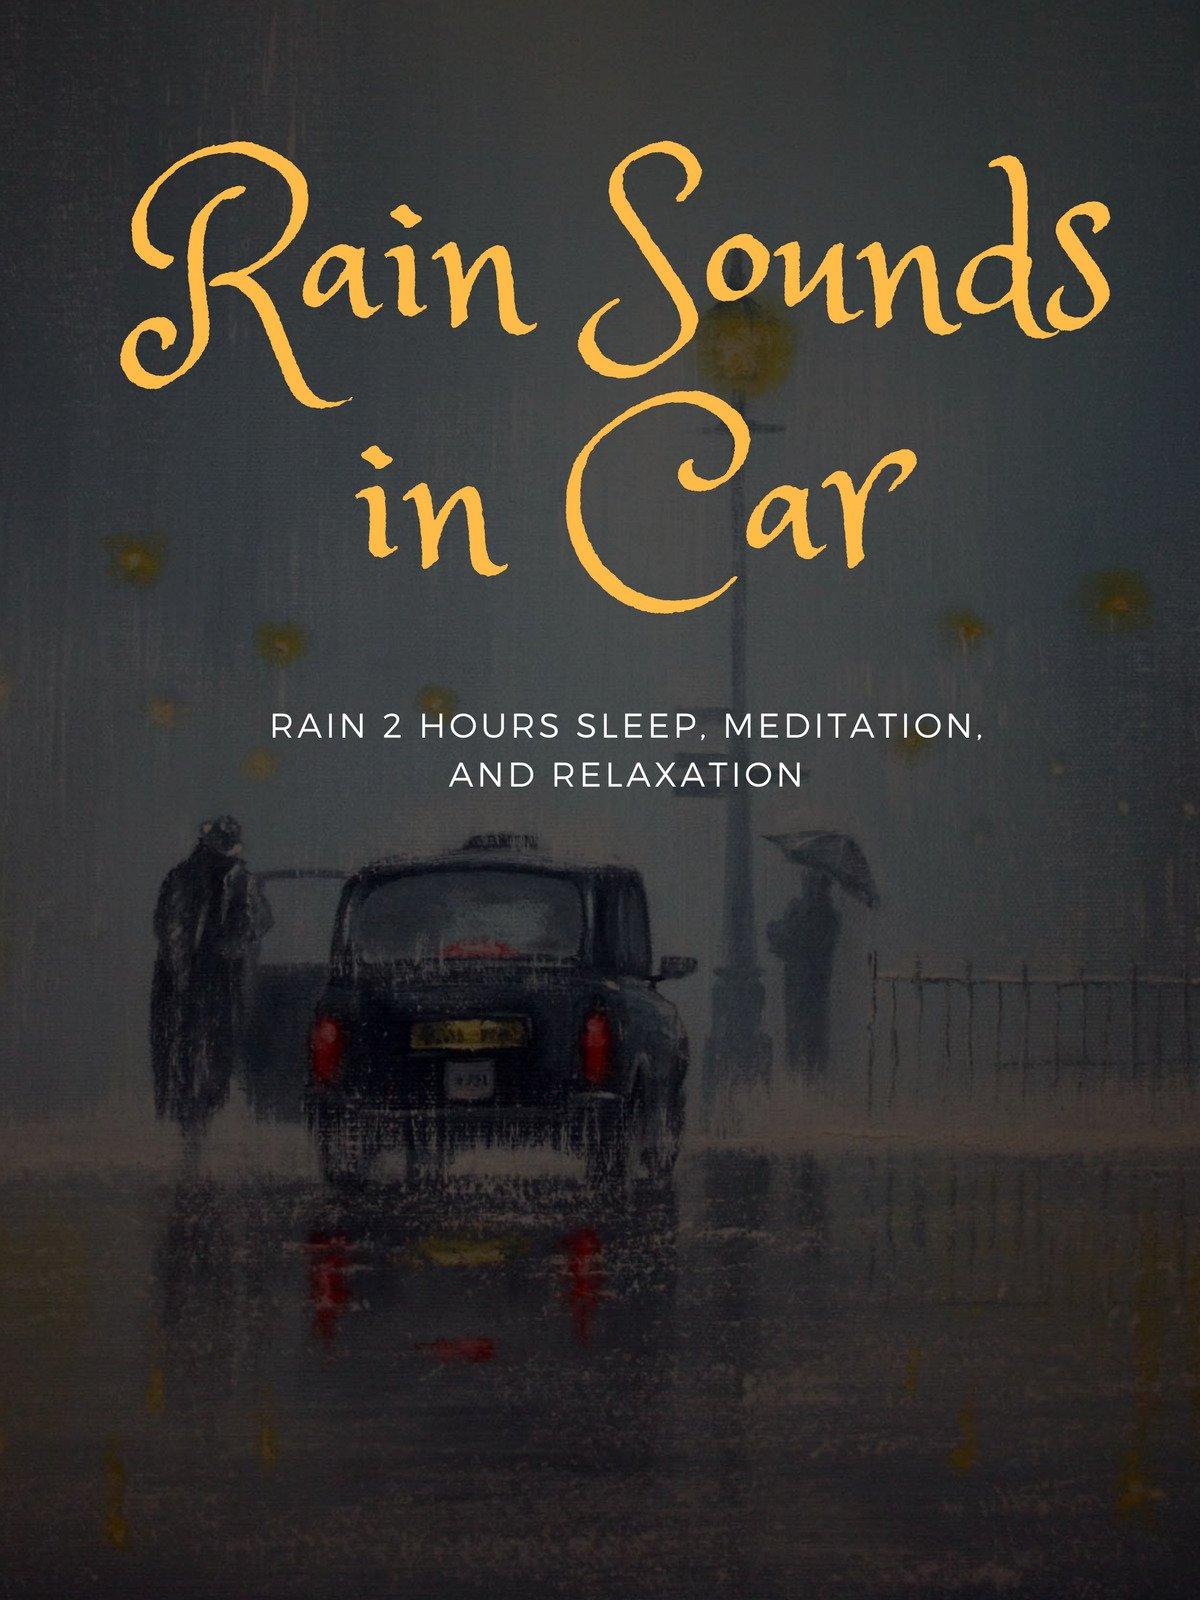 Rain Sounds in Car